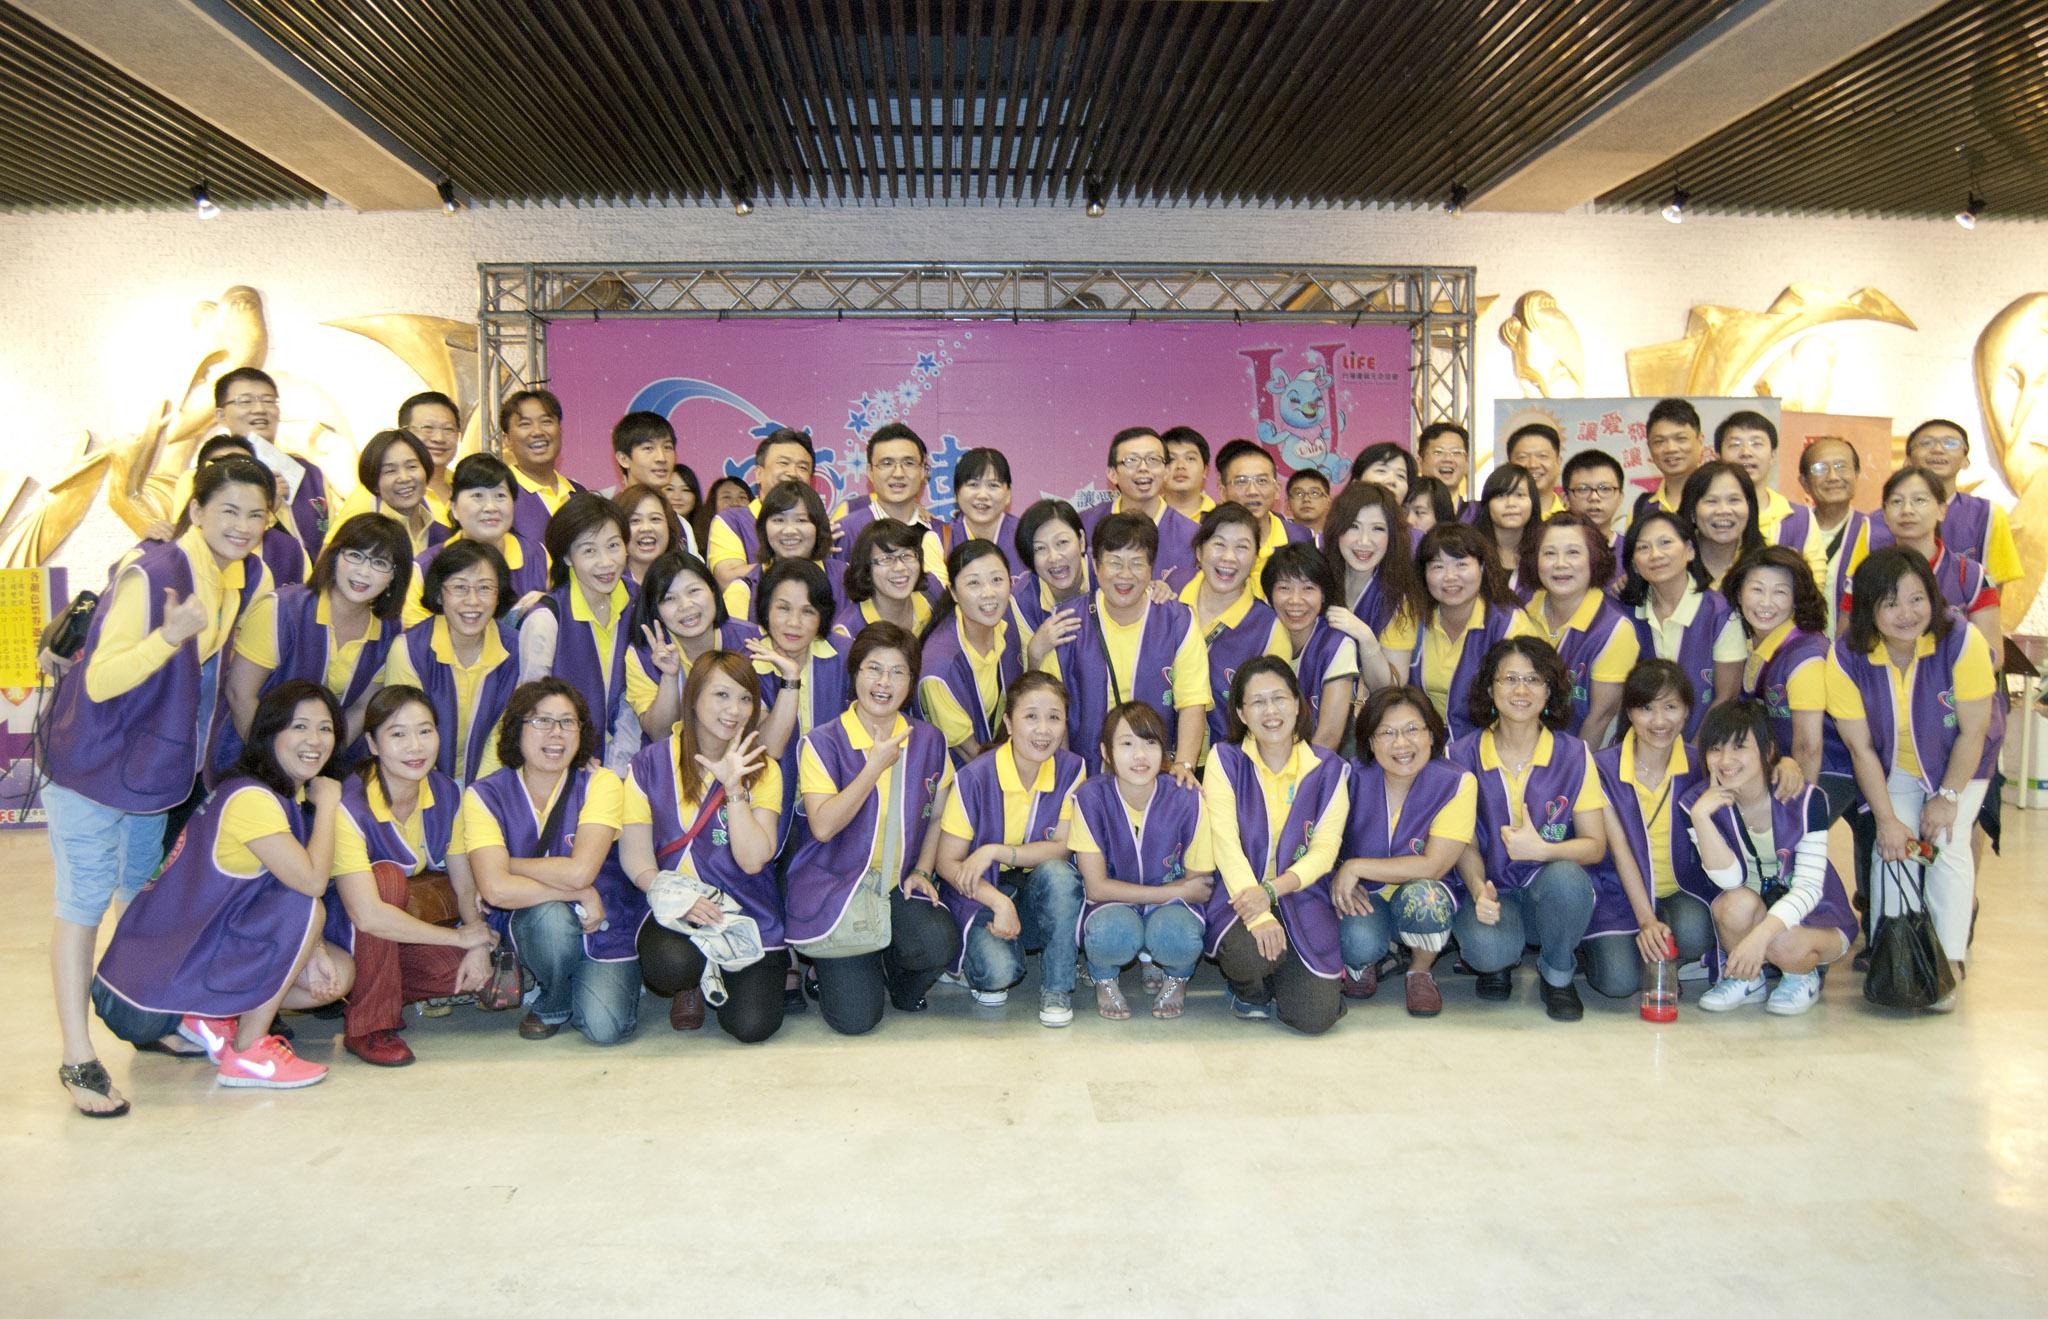 永達動員80名同仁,擔任一日志工為民眾服務。